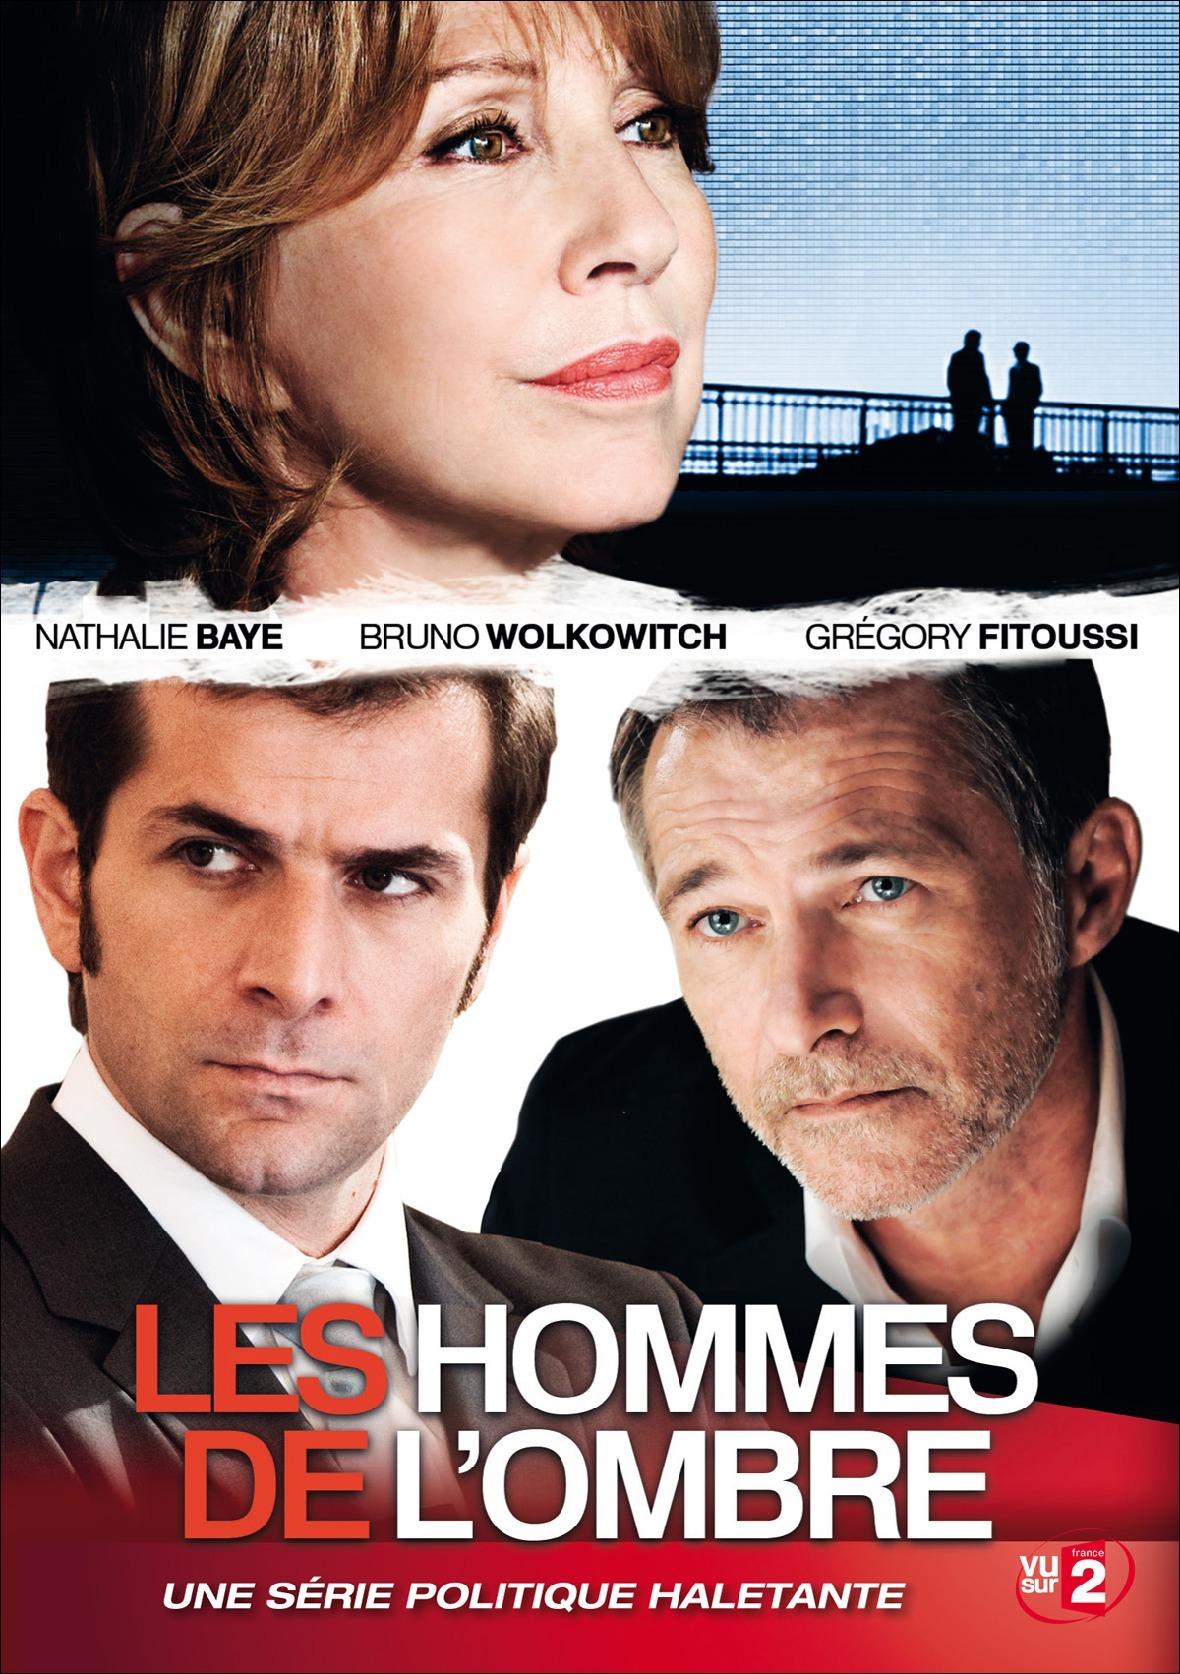 Les hommes de l'ombre Season 3 COMPLETE HDTV